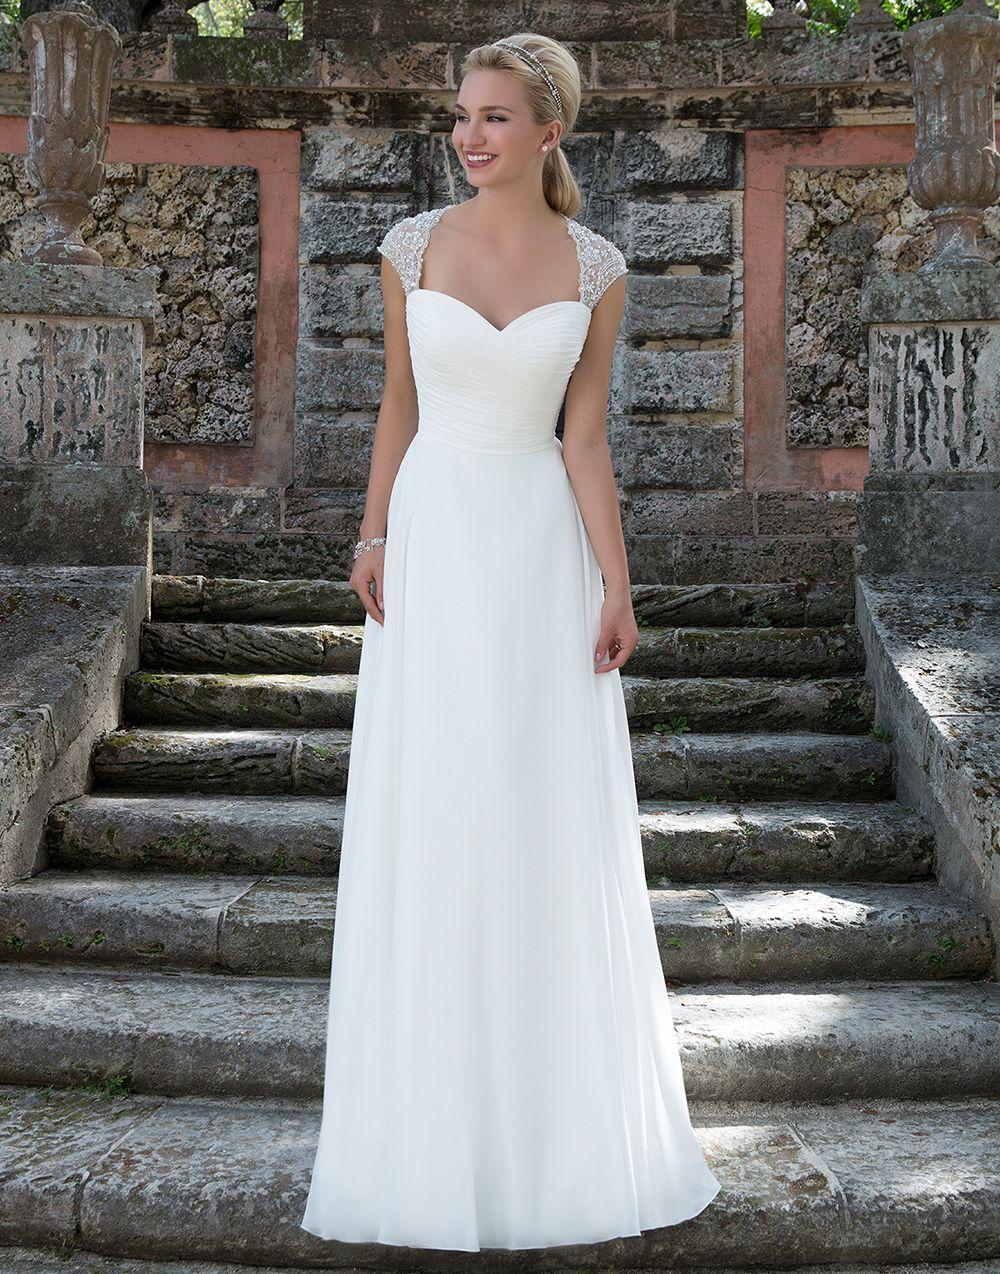 Wunderschönes schlichtes Brautkleid, mal kein Straßenfeger , gefällt ...